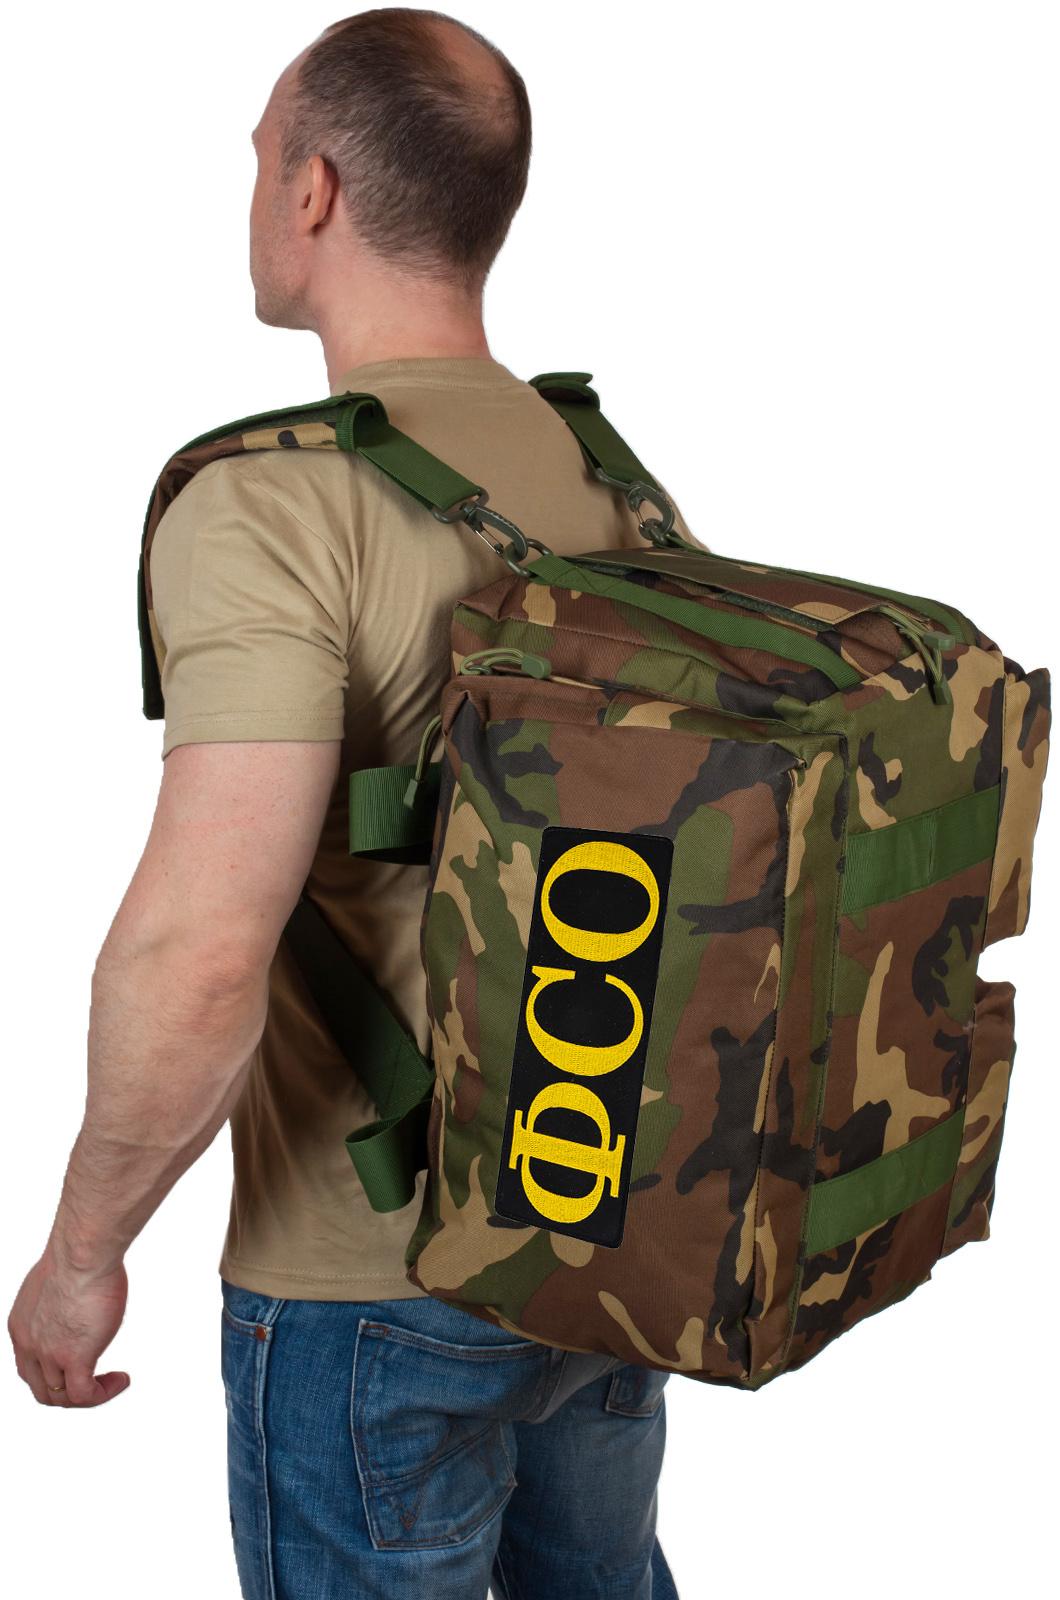 Купить военную дорожную сумку с нашивкой ФСО по выгодной цене